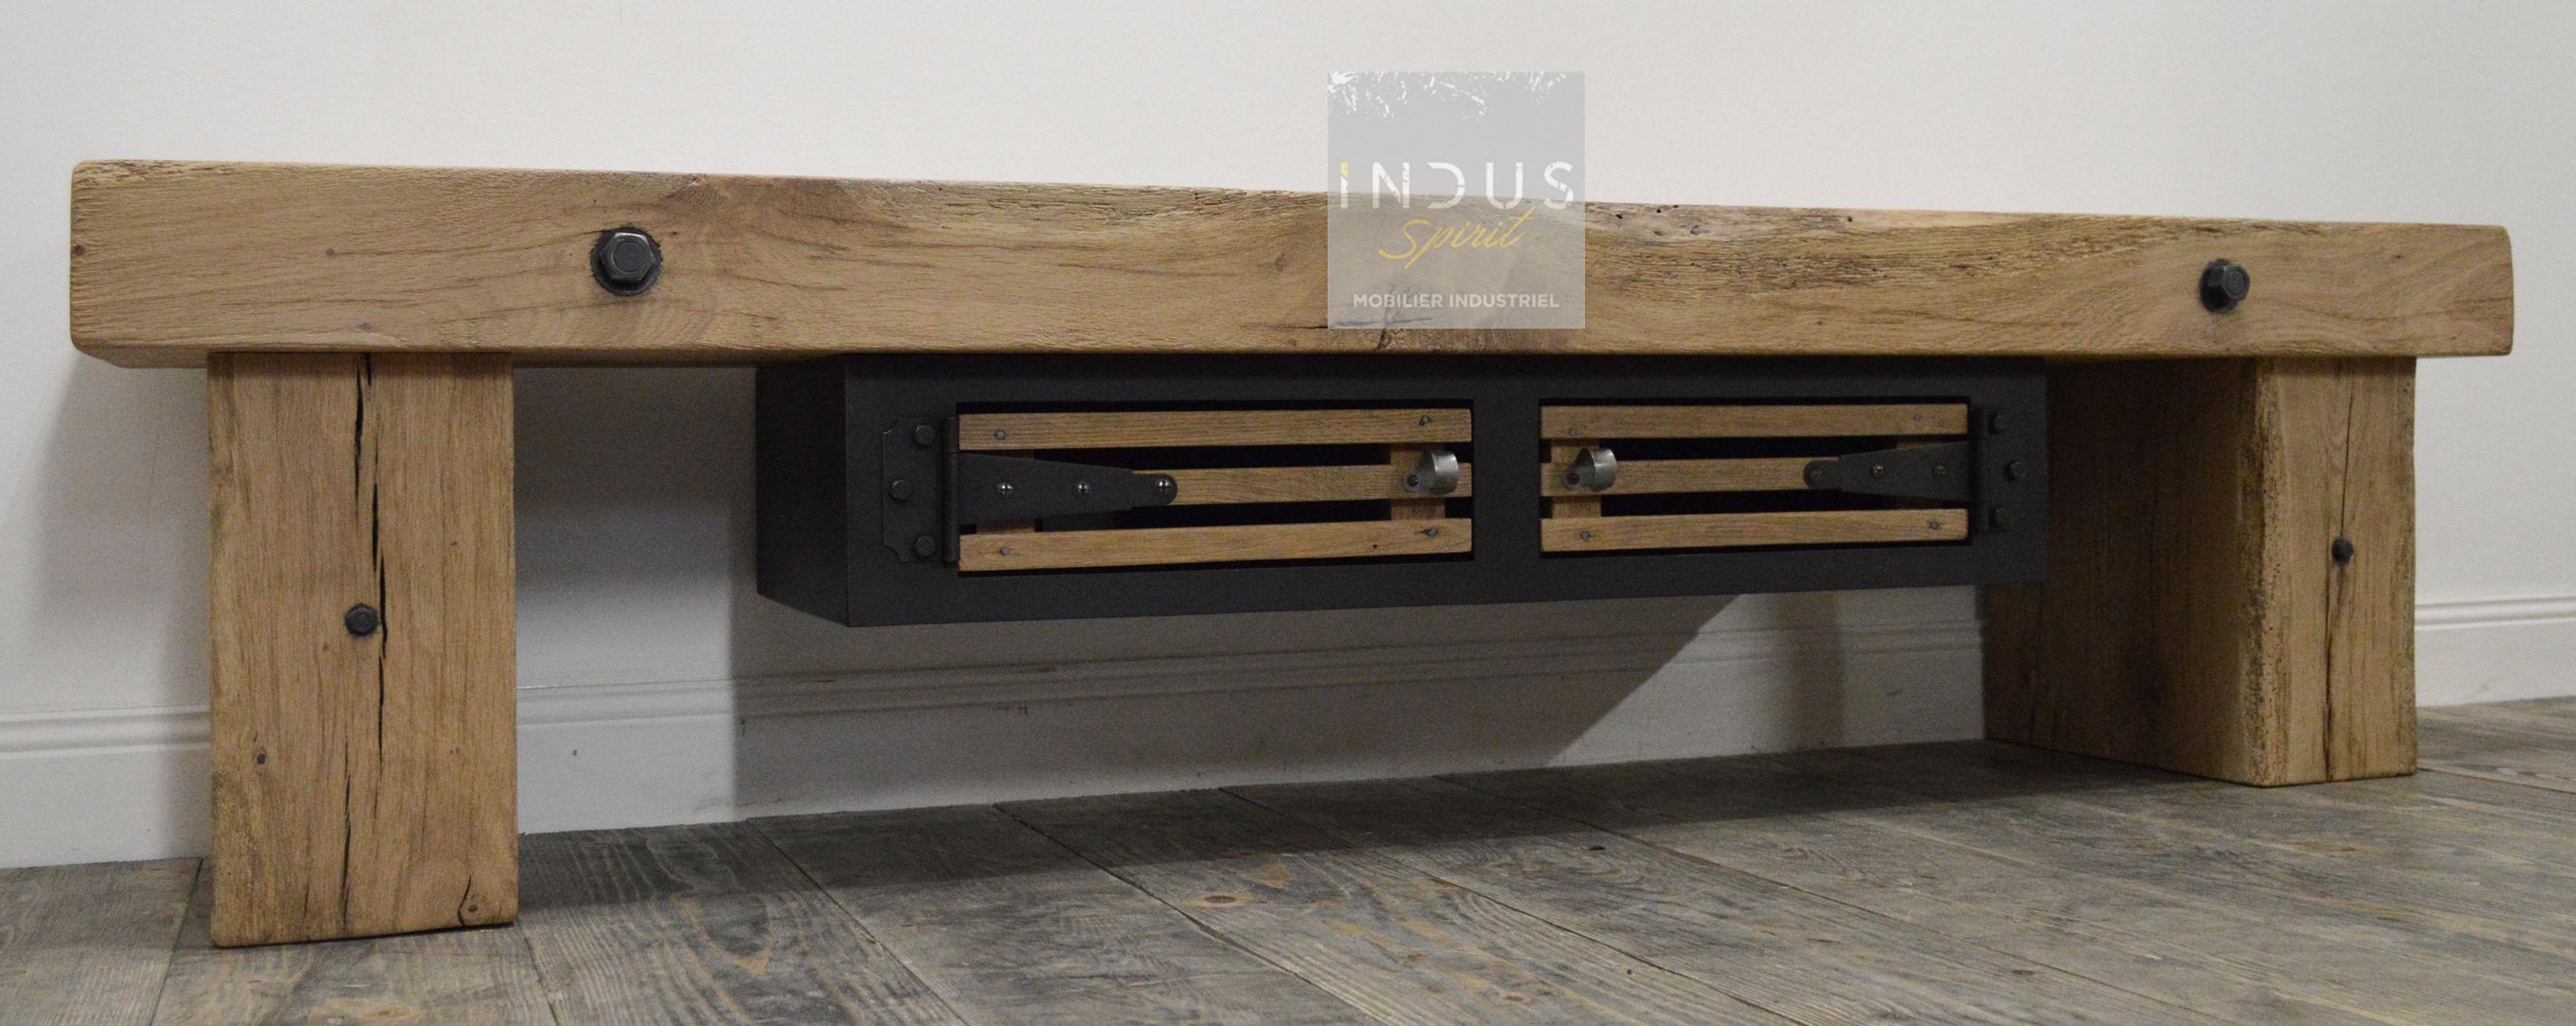 meuble tv bois et metal industriel